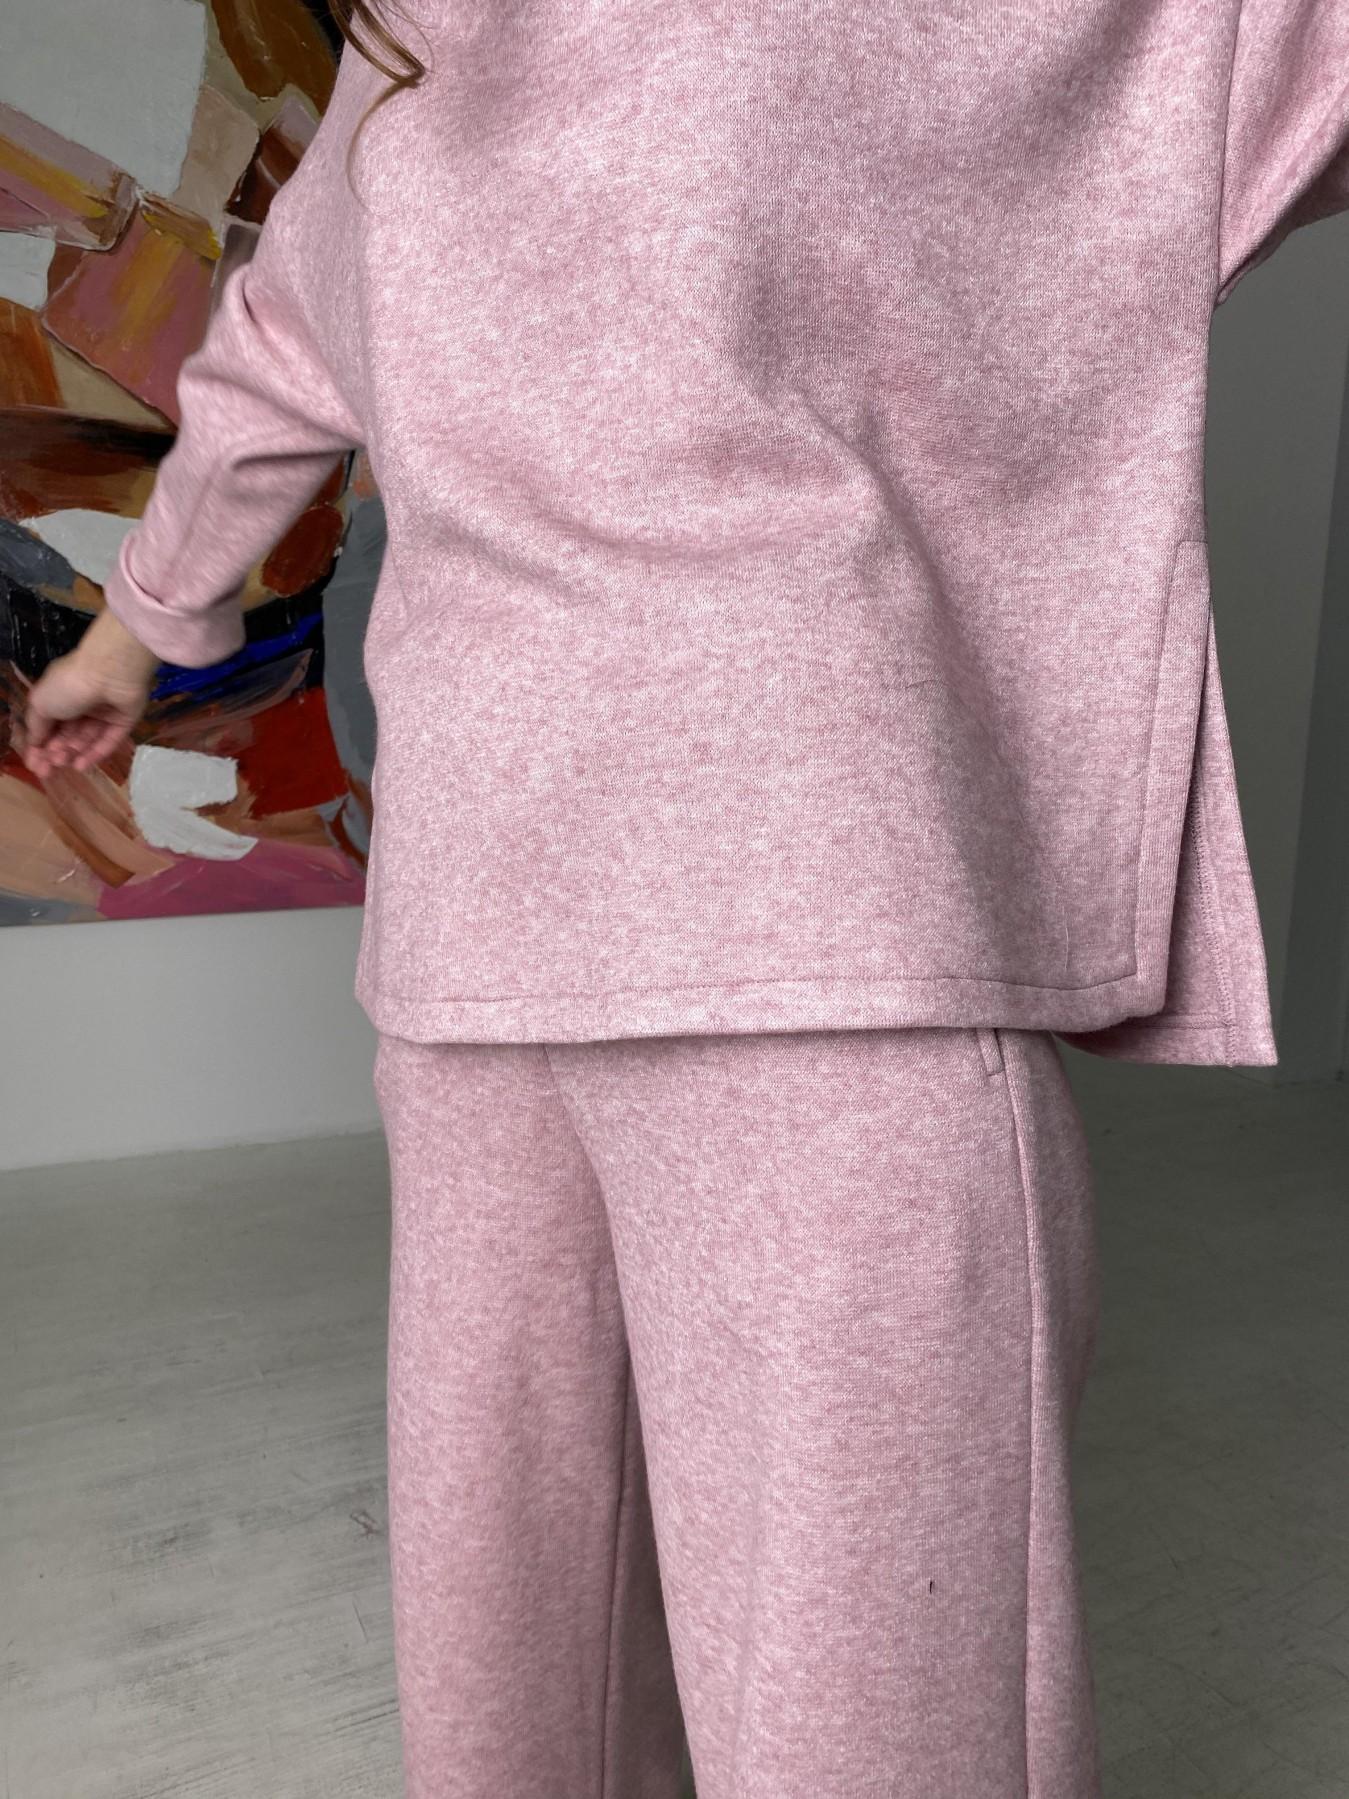 Лав Ю костюм из ангоры 10531 АРТ. 46872 Цвет: Розовый 2 меланж - фото 12, интернет магазин tm-modus.ru